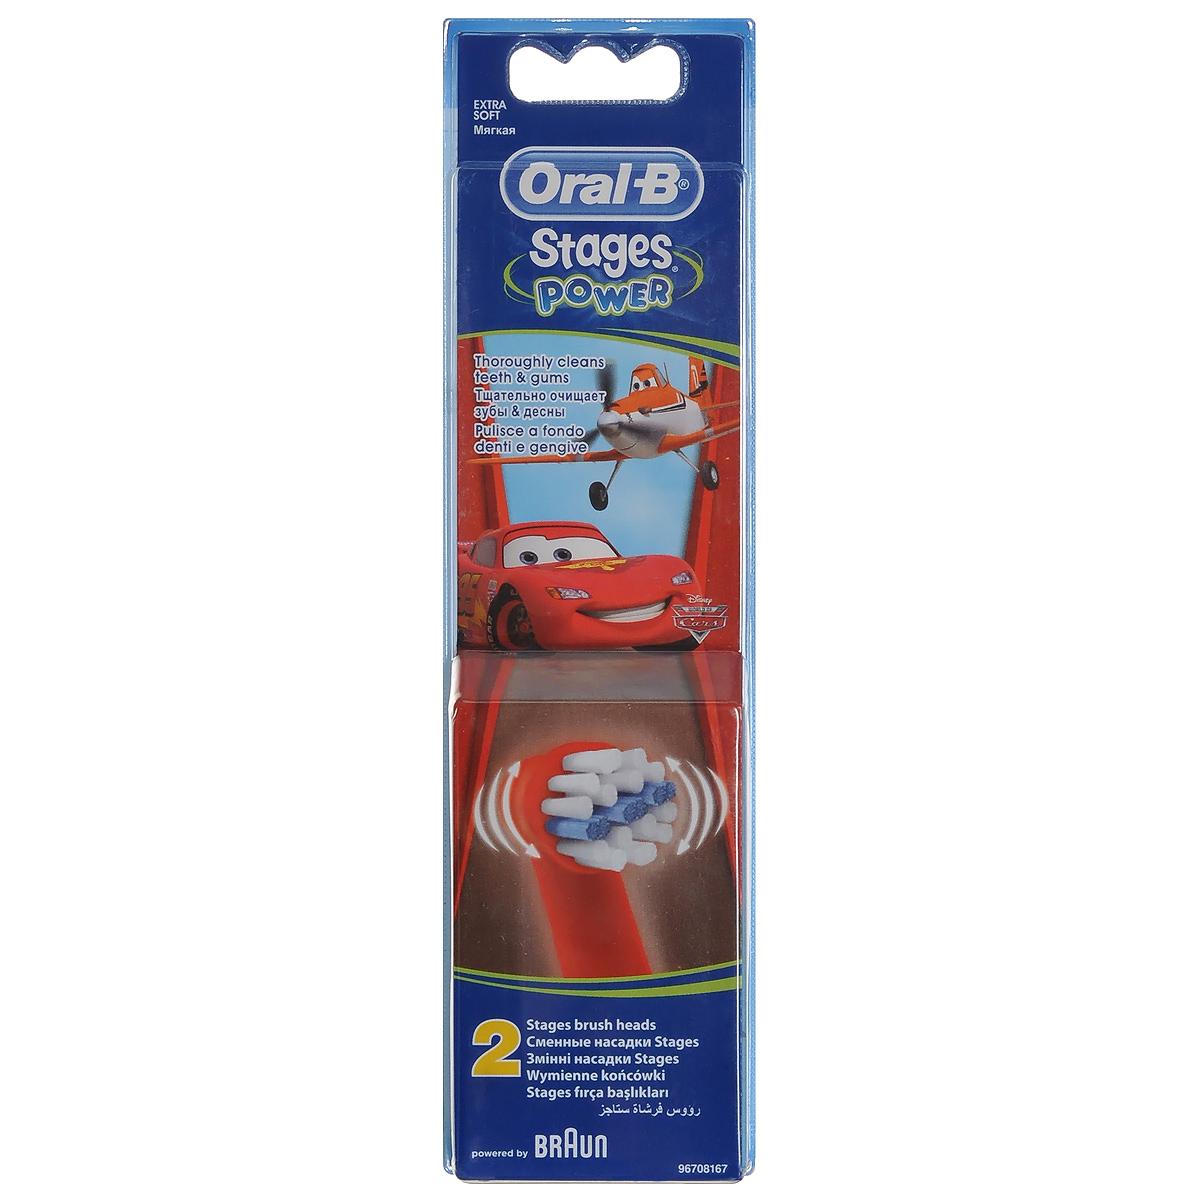 Насадка Oral-B Kids, 2 шт, СамолетBRU-64706728_СамолетСменная насадка Oral-B Stages Kids Самолет для электрической зубной щетки имеет специальные, меньшие по размеру щетинки, которые обеспечивают бережную, сверхмягкую чистку и делают ее идеальной для маленьких зубов и детского рта.